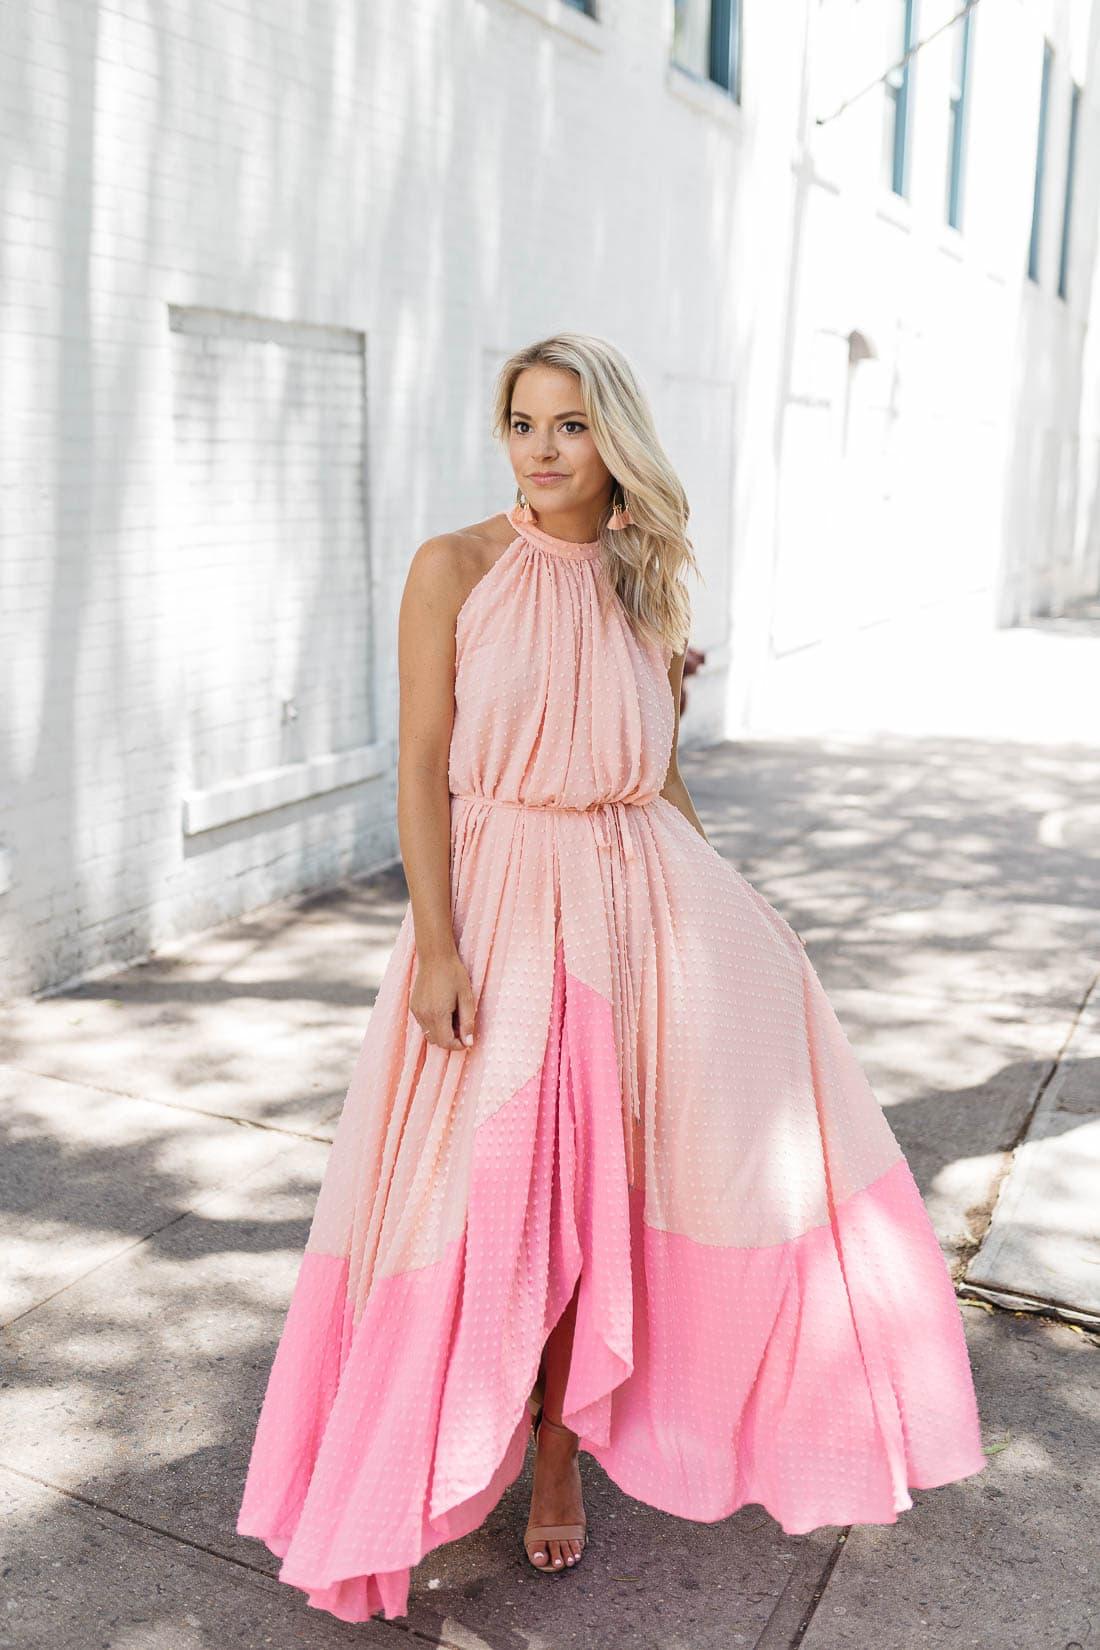 summer wedding dress idea